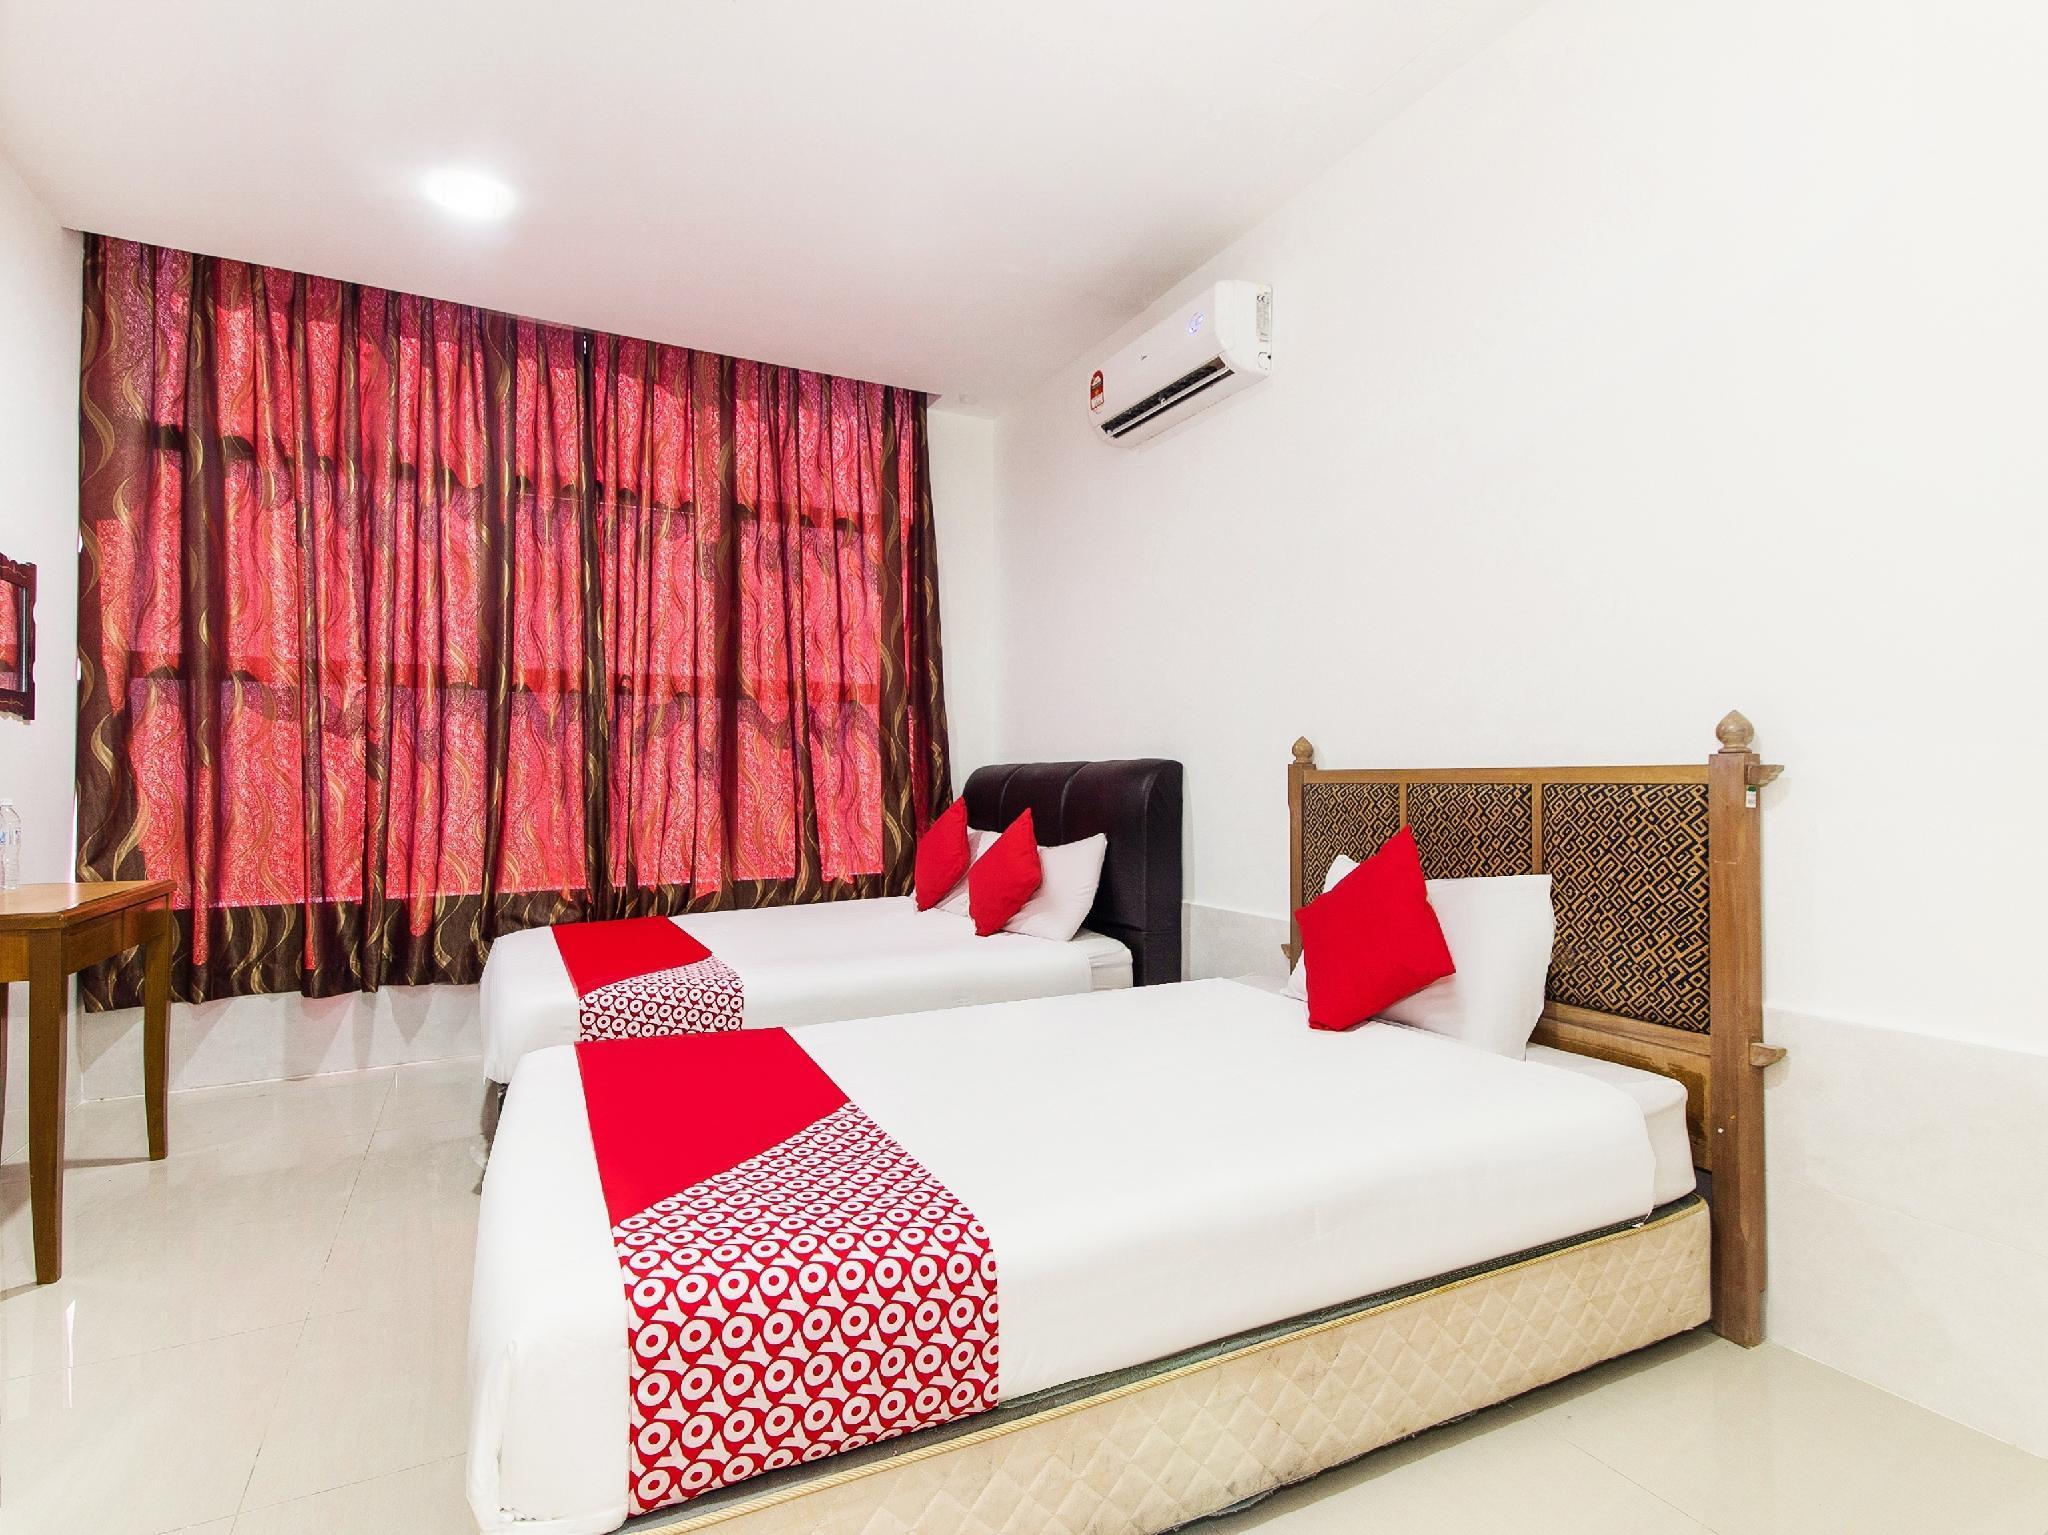 Oyo 414 Adiff Palace Hotel Sepang Kuala Lumpur Agoda 2020